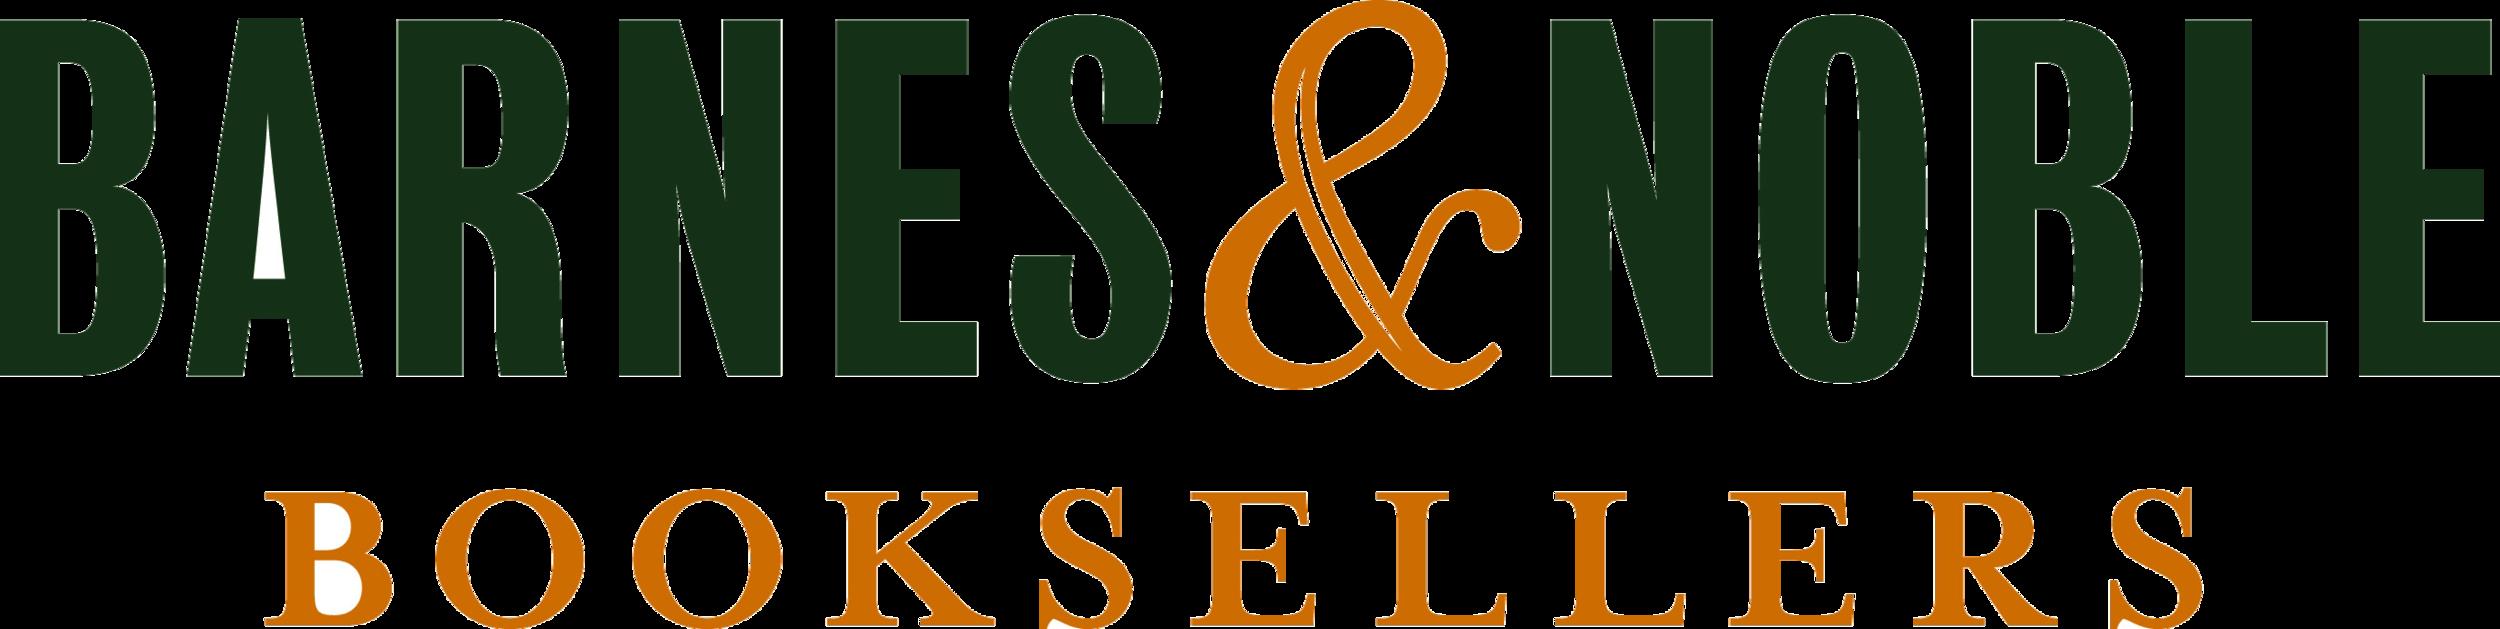 barnes-noble-logo.jpg